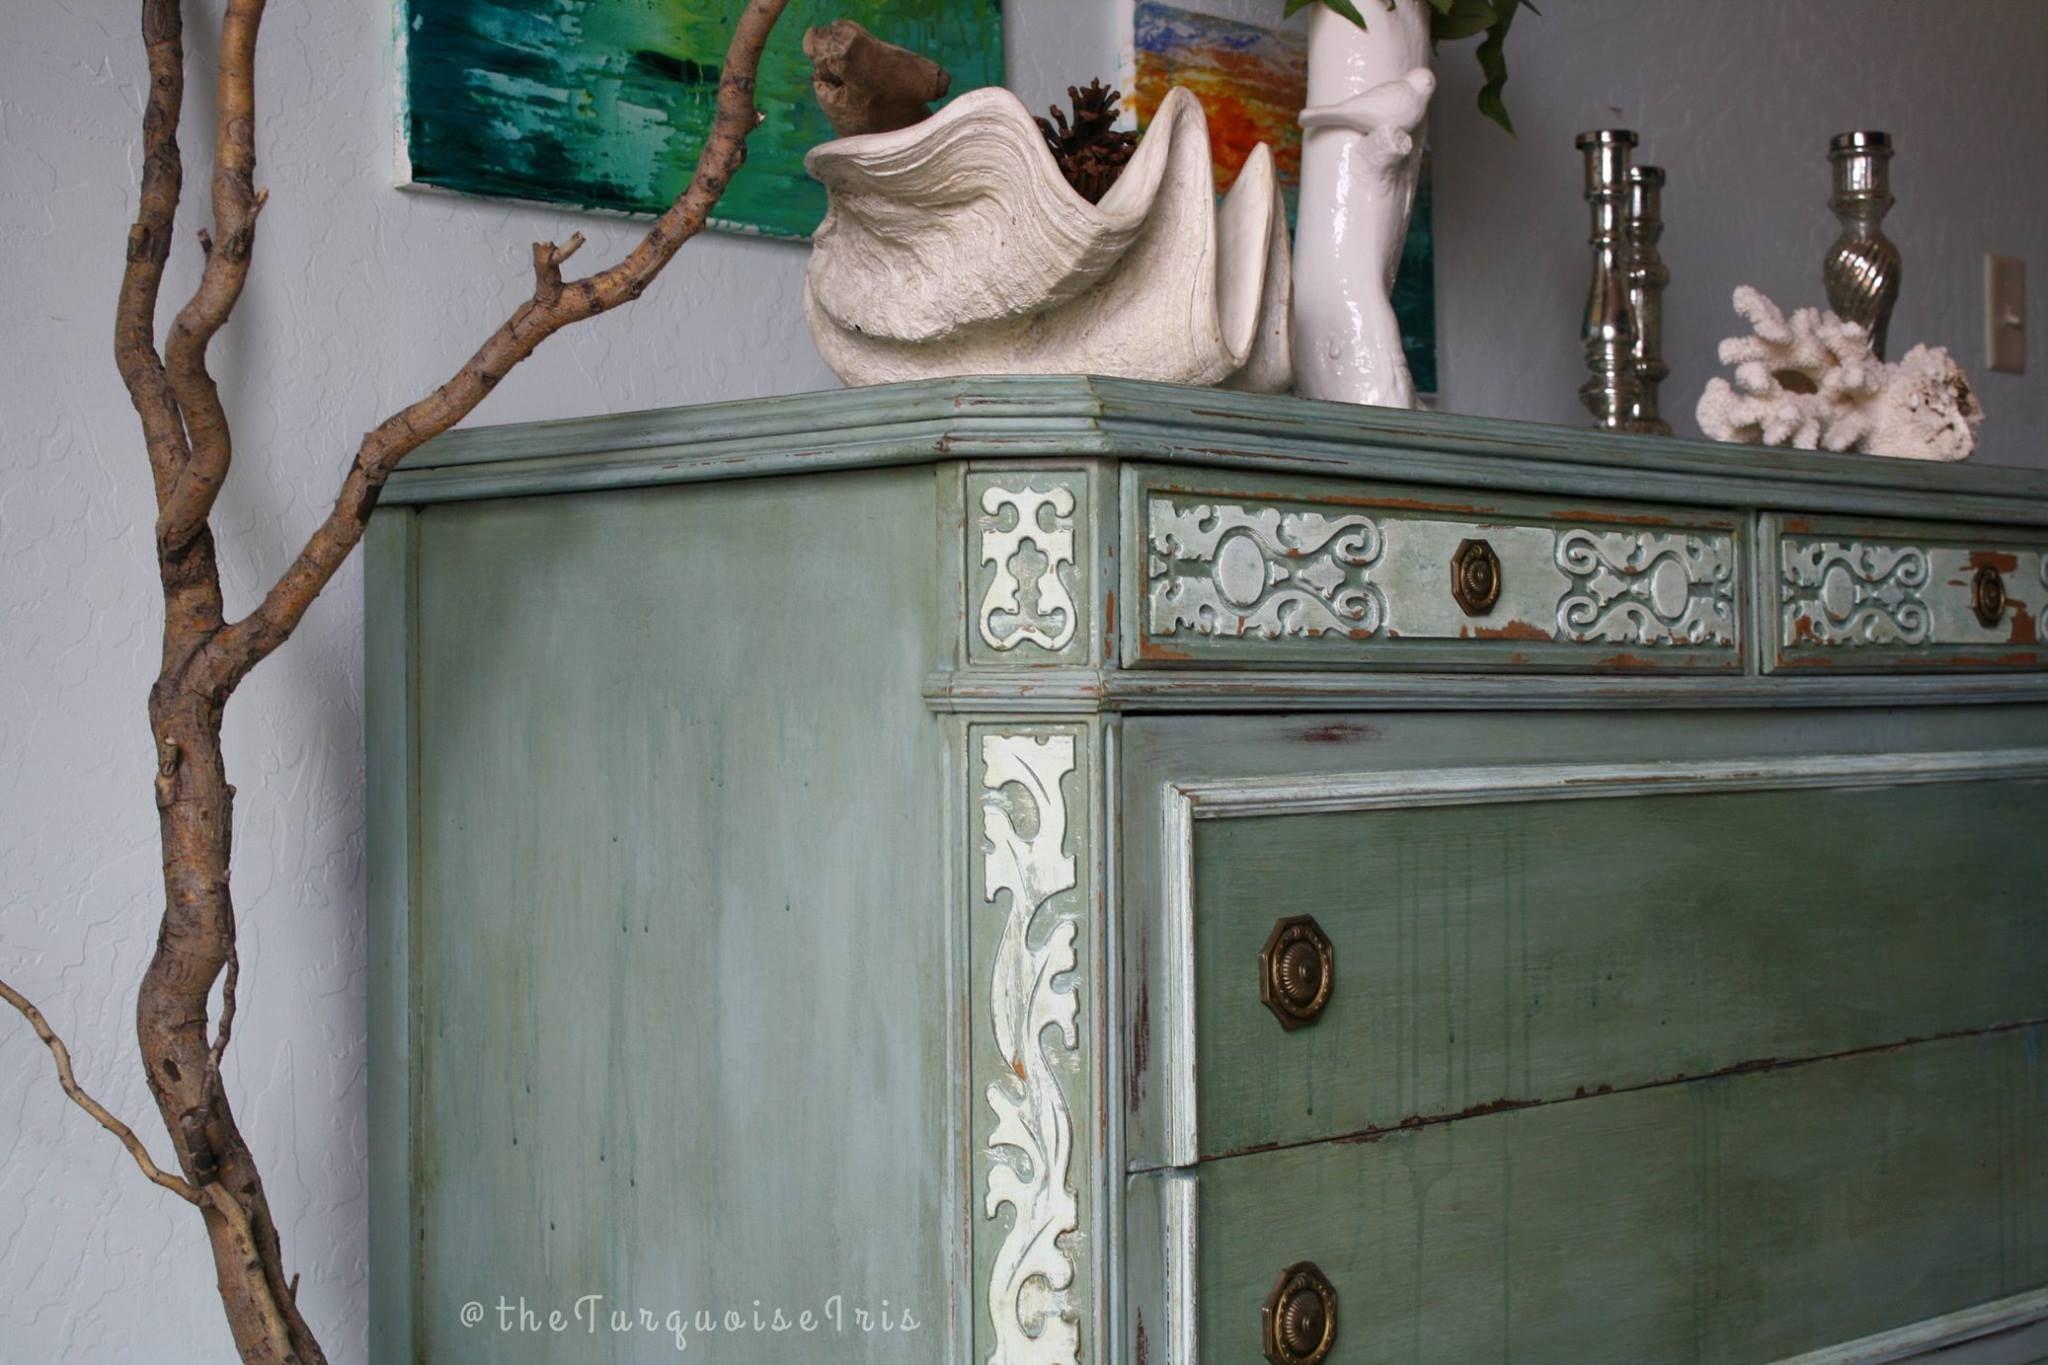 he Turquoise Iris l CeCe Caldwell's Chalk + Clay Paint l Furniture Art l Painted Furniture l Duck Blue l Alaskan Tundra Green l Nantucket Spray l Savannah Praline